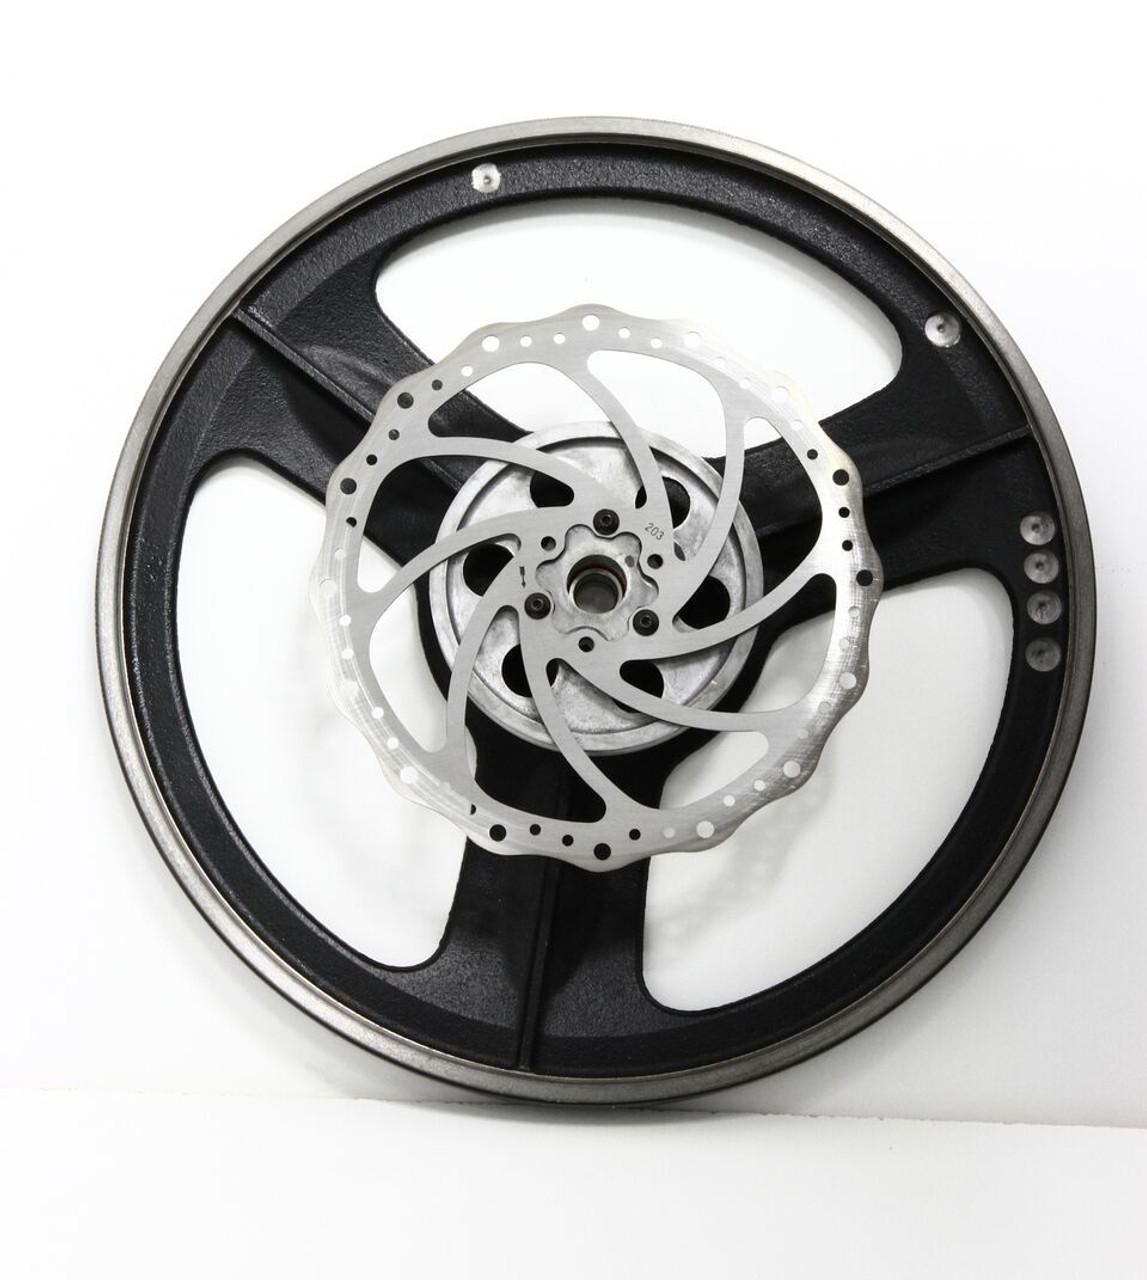 Lower Wheel & Safety Brake